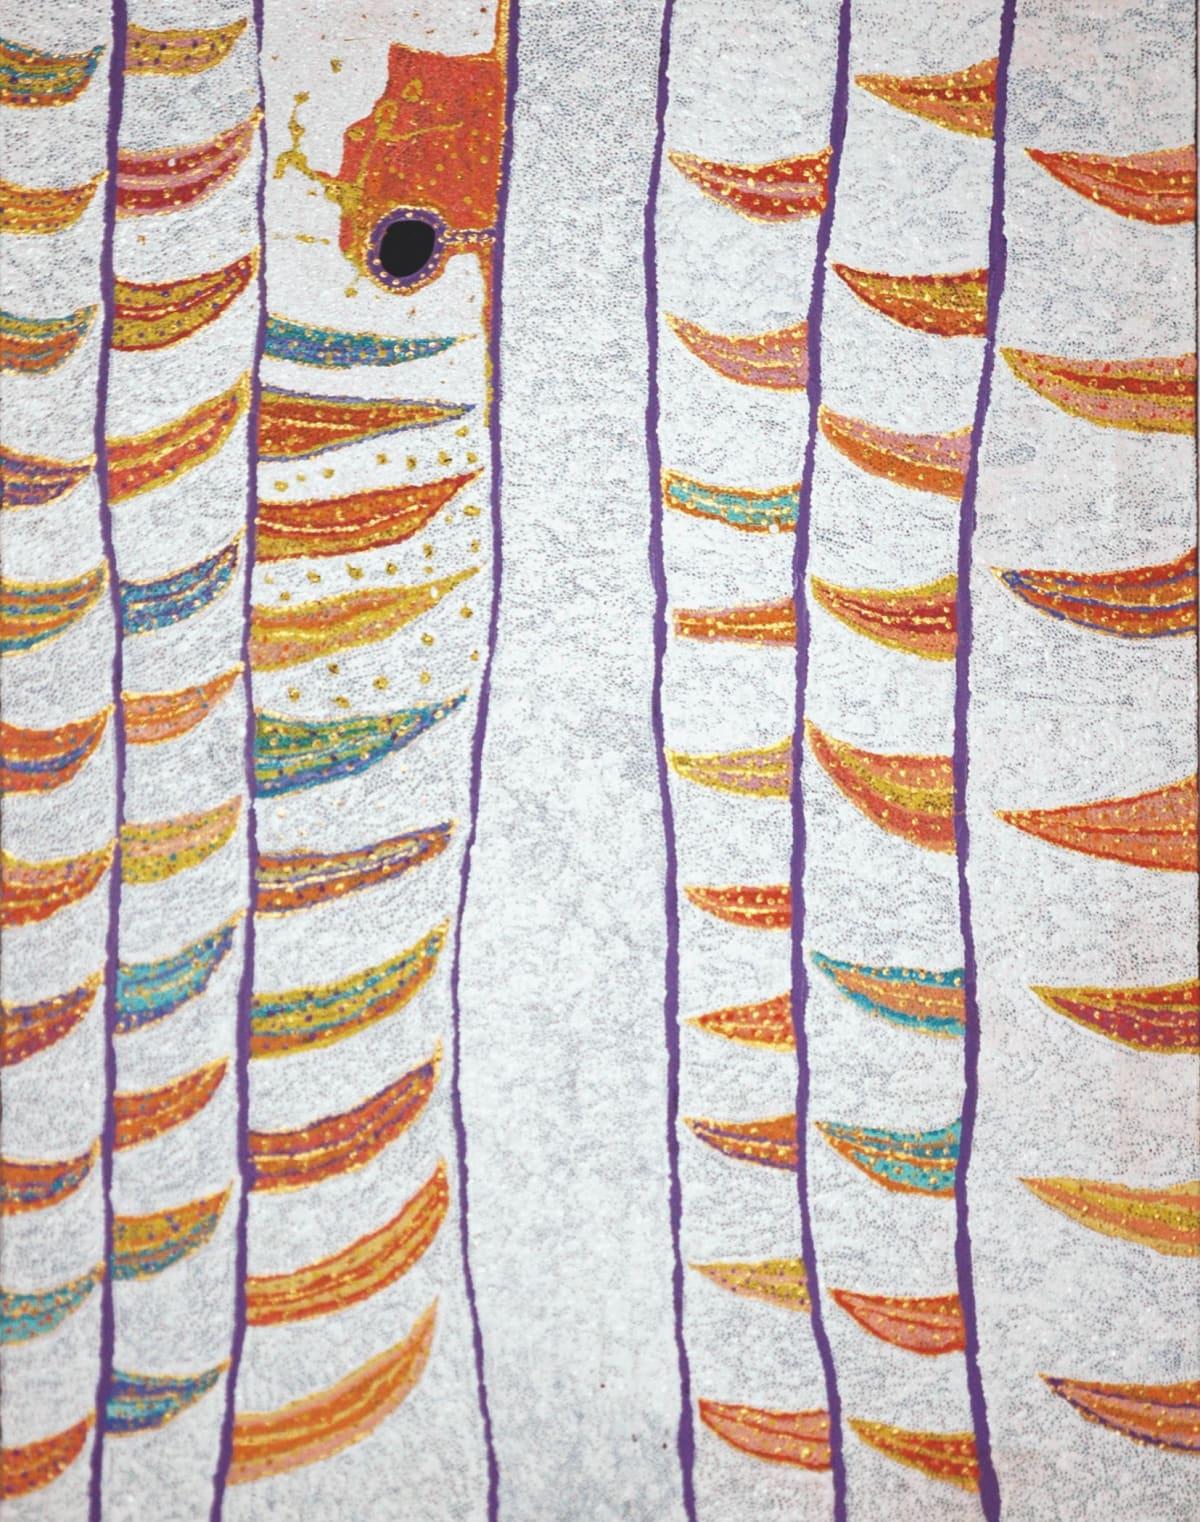 Daniel Walbidi Kirriwirri acrylic on linen 120 x 90 cm